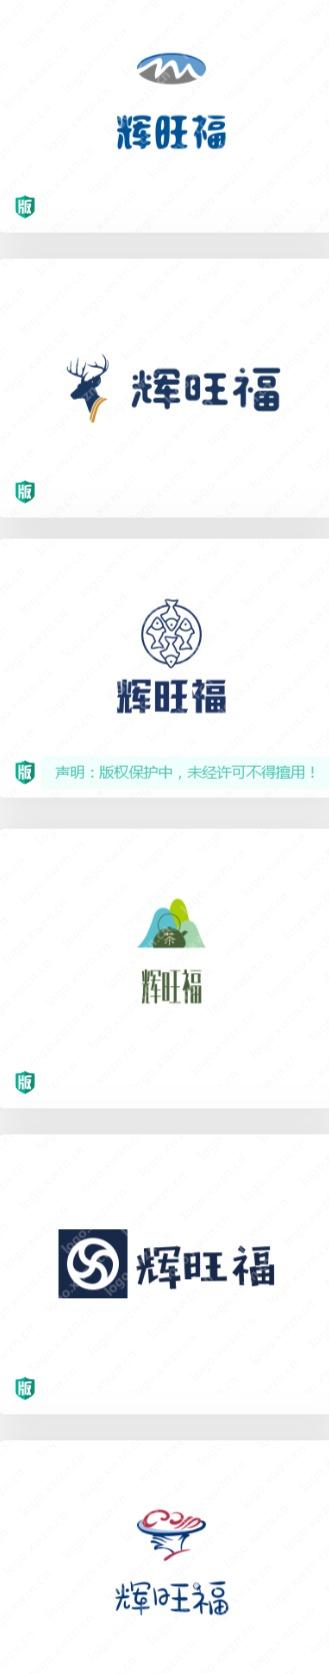 一组食品行业【辉旺福】logo案例集锦